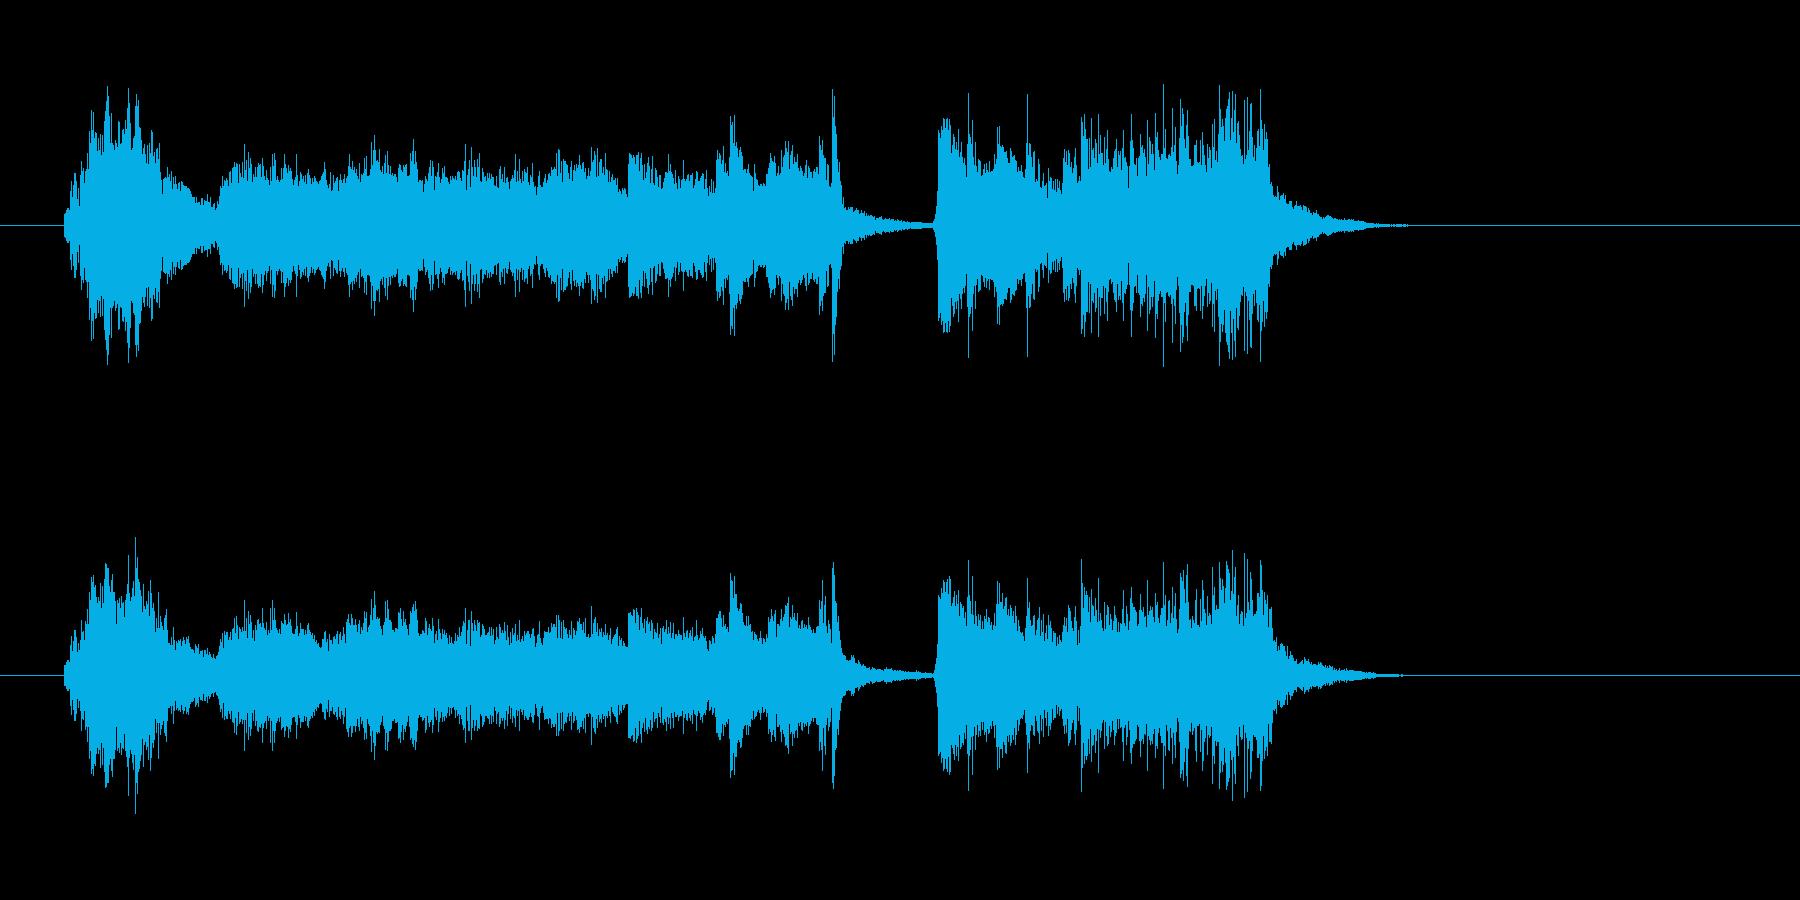 ハープ 美しい ピアノ バイオリンの再生済みの波形